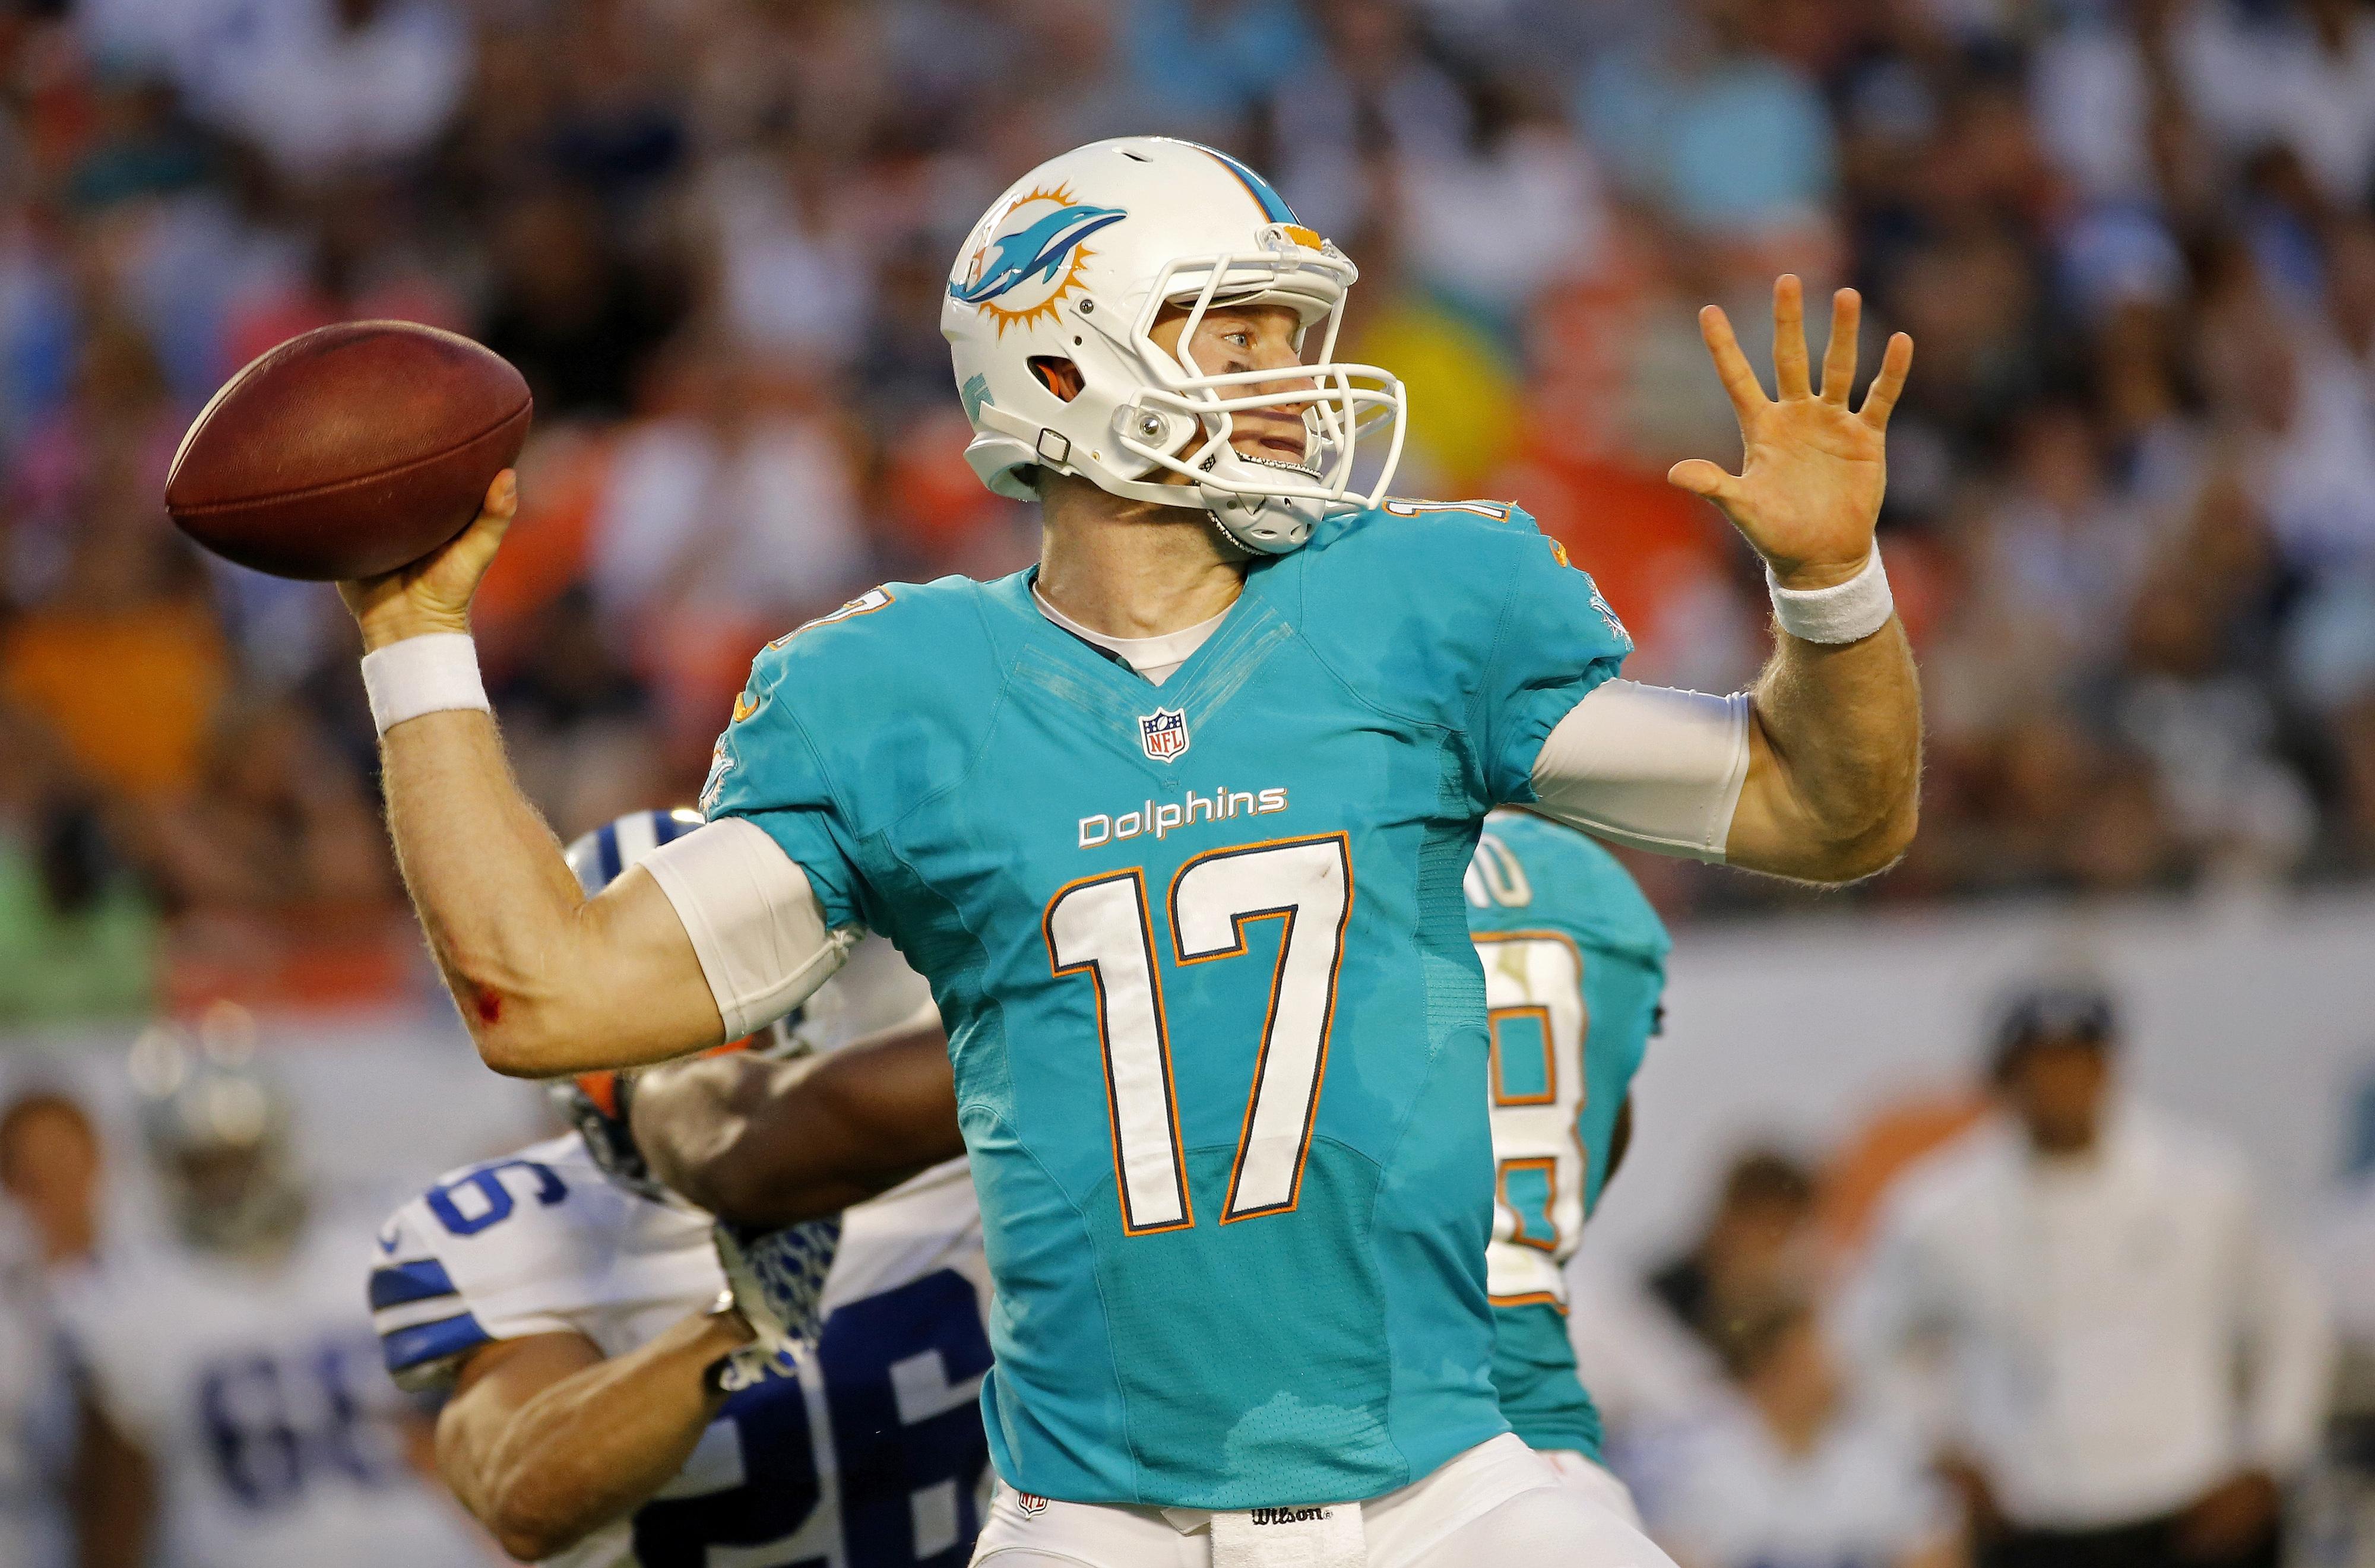 Cowboys vs Dolphins final score: Miami wins 25-20 over Dallas in ...